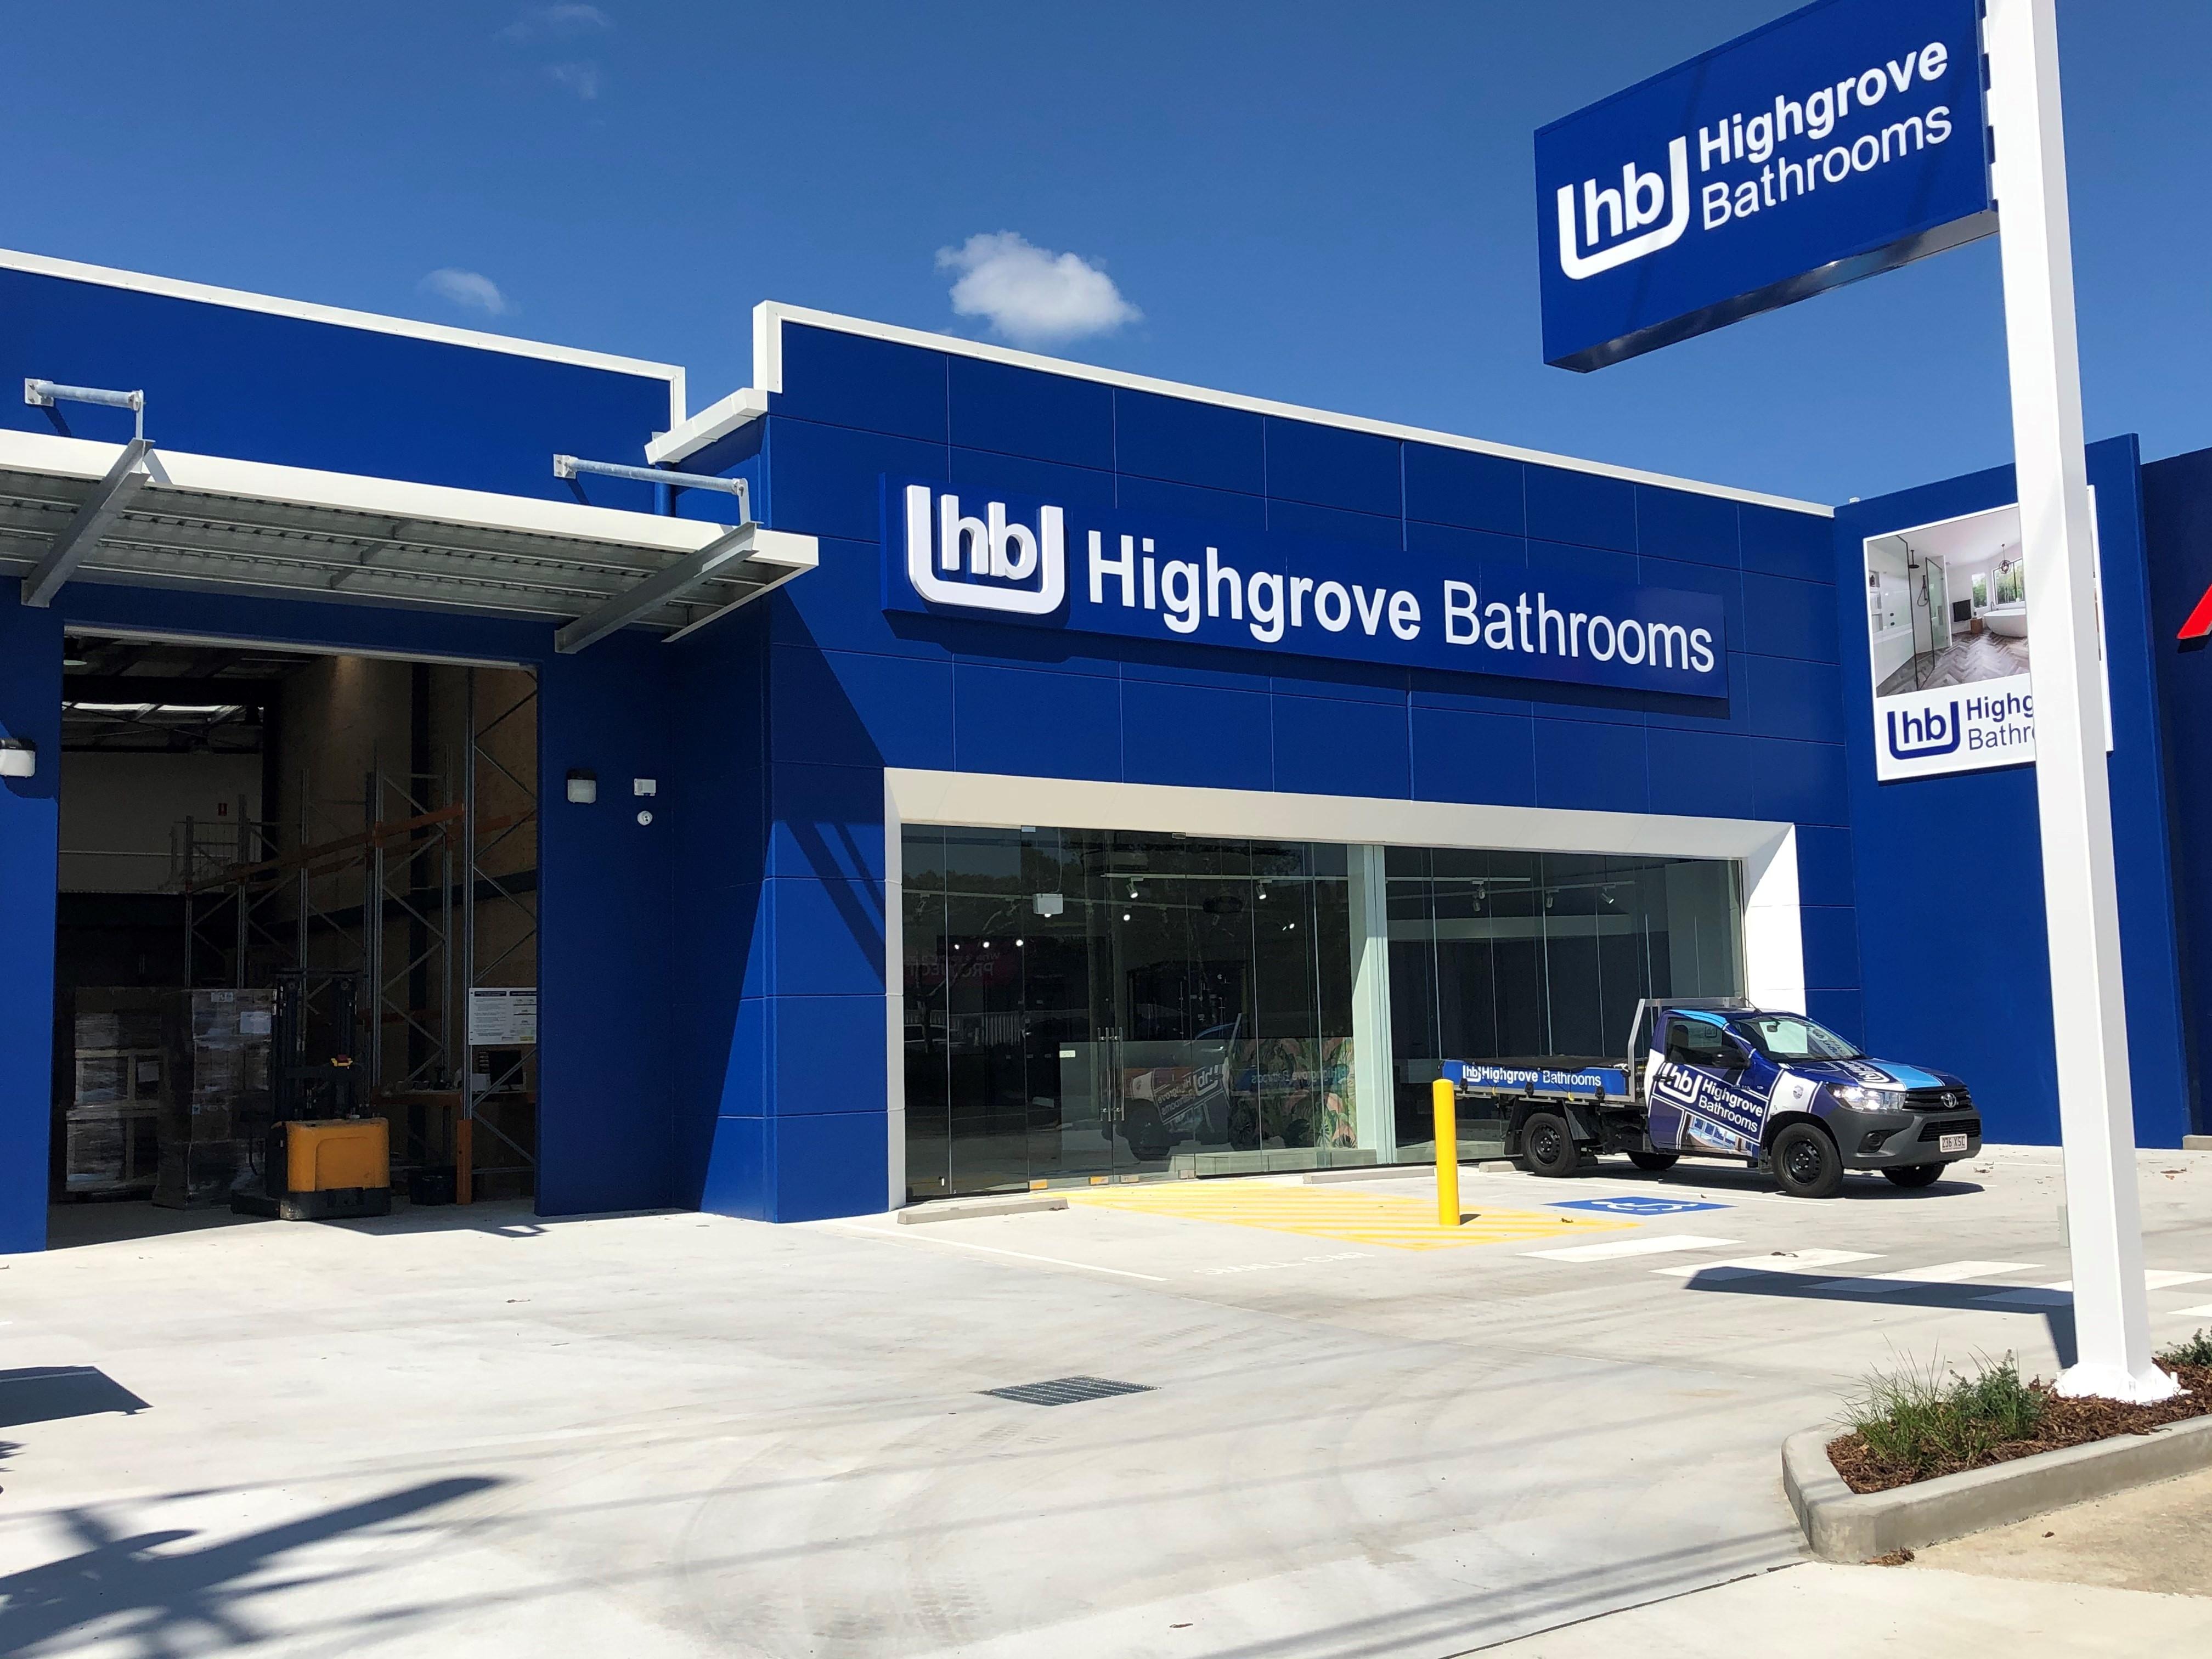 Highgrove Bathrooms - Capalaba